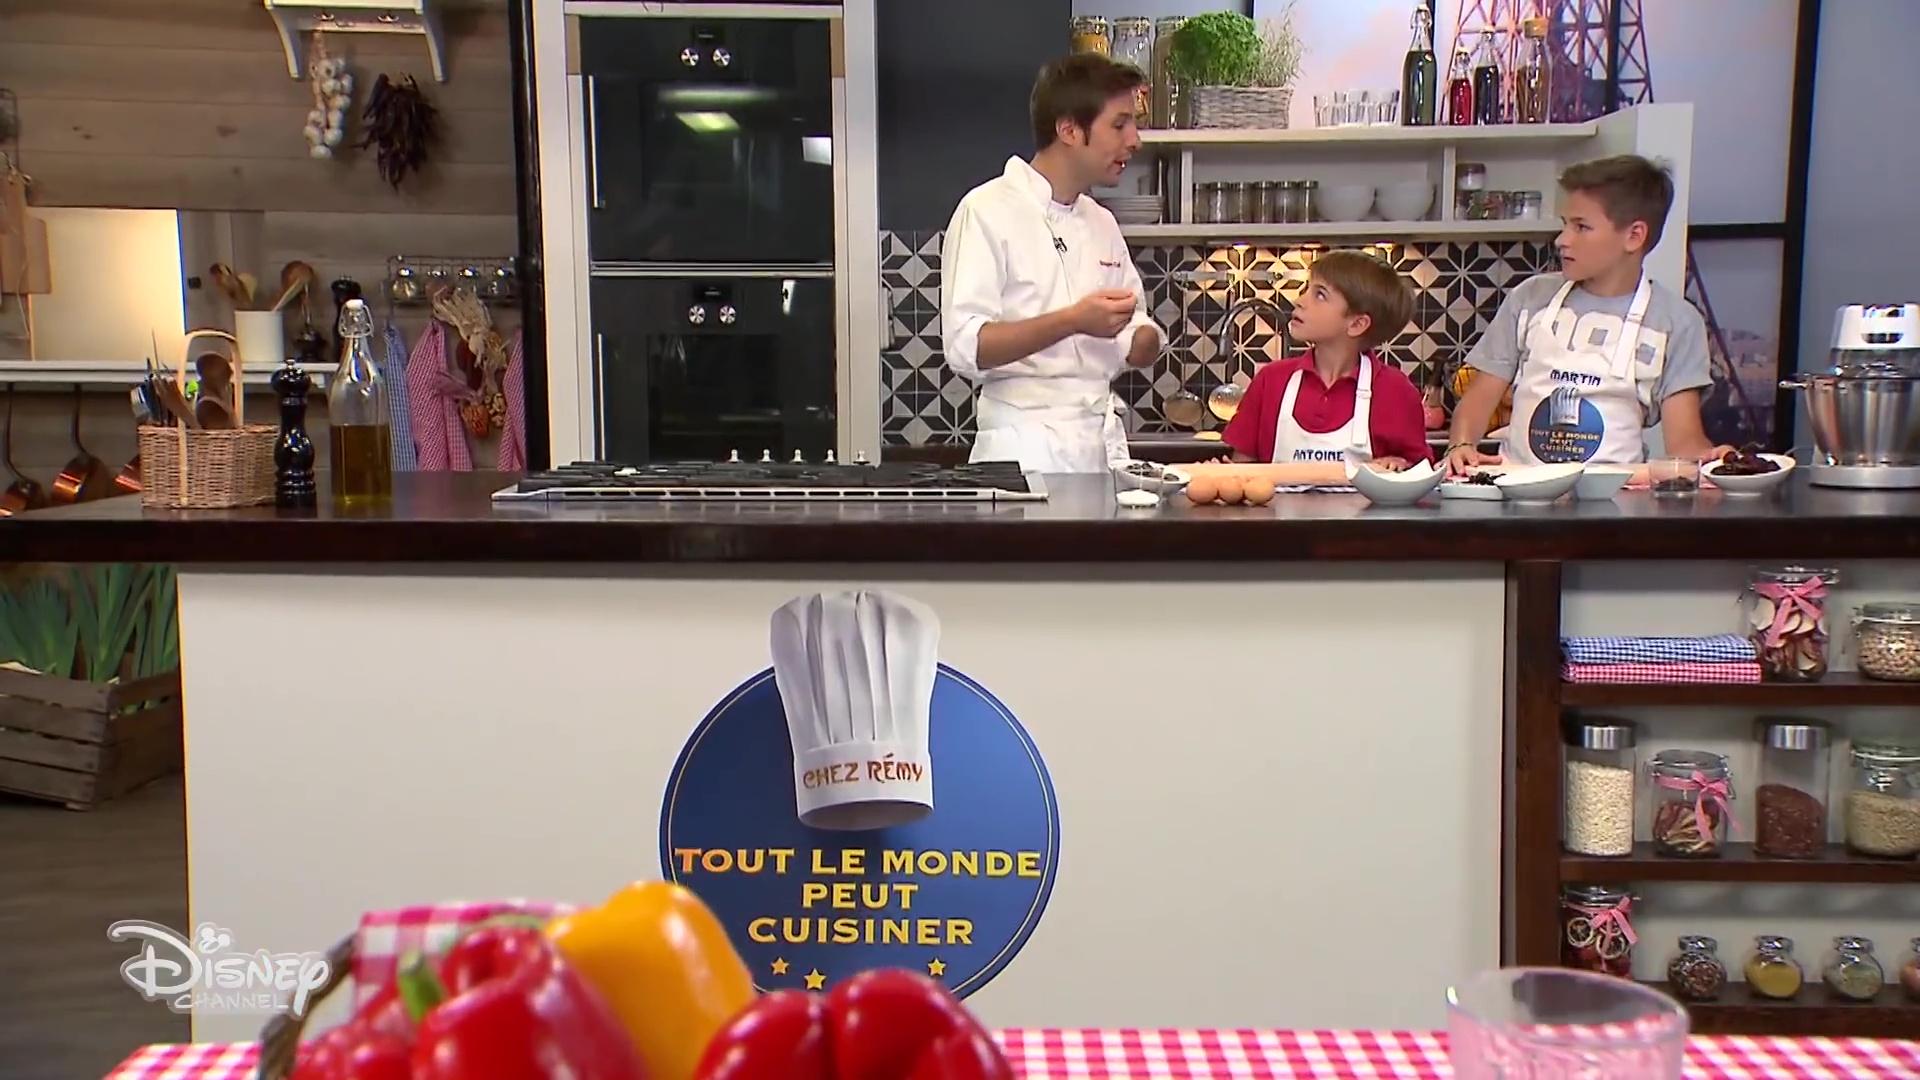 Chez r my tout le monde peut cuisiner disney planet for Tout les cuisine